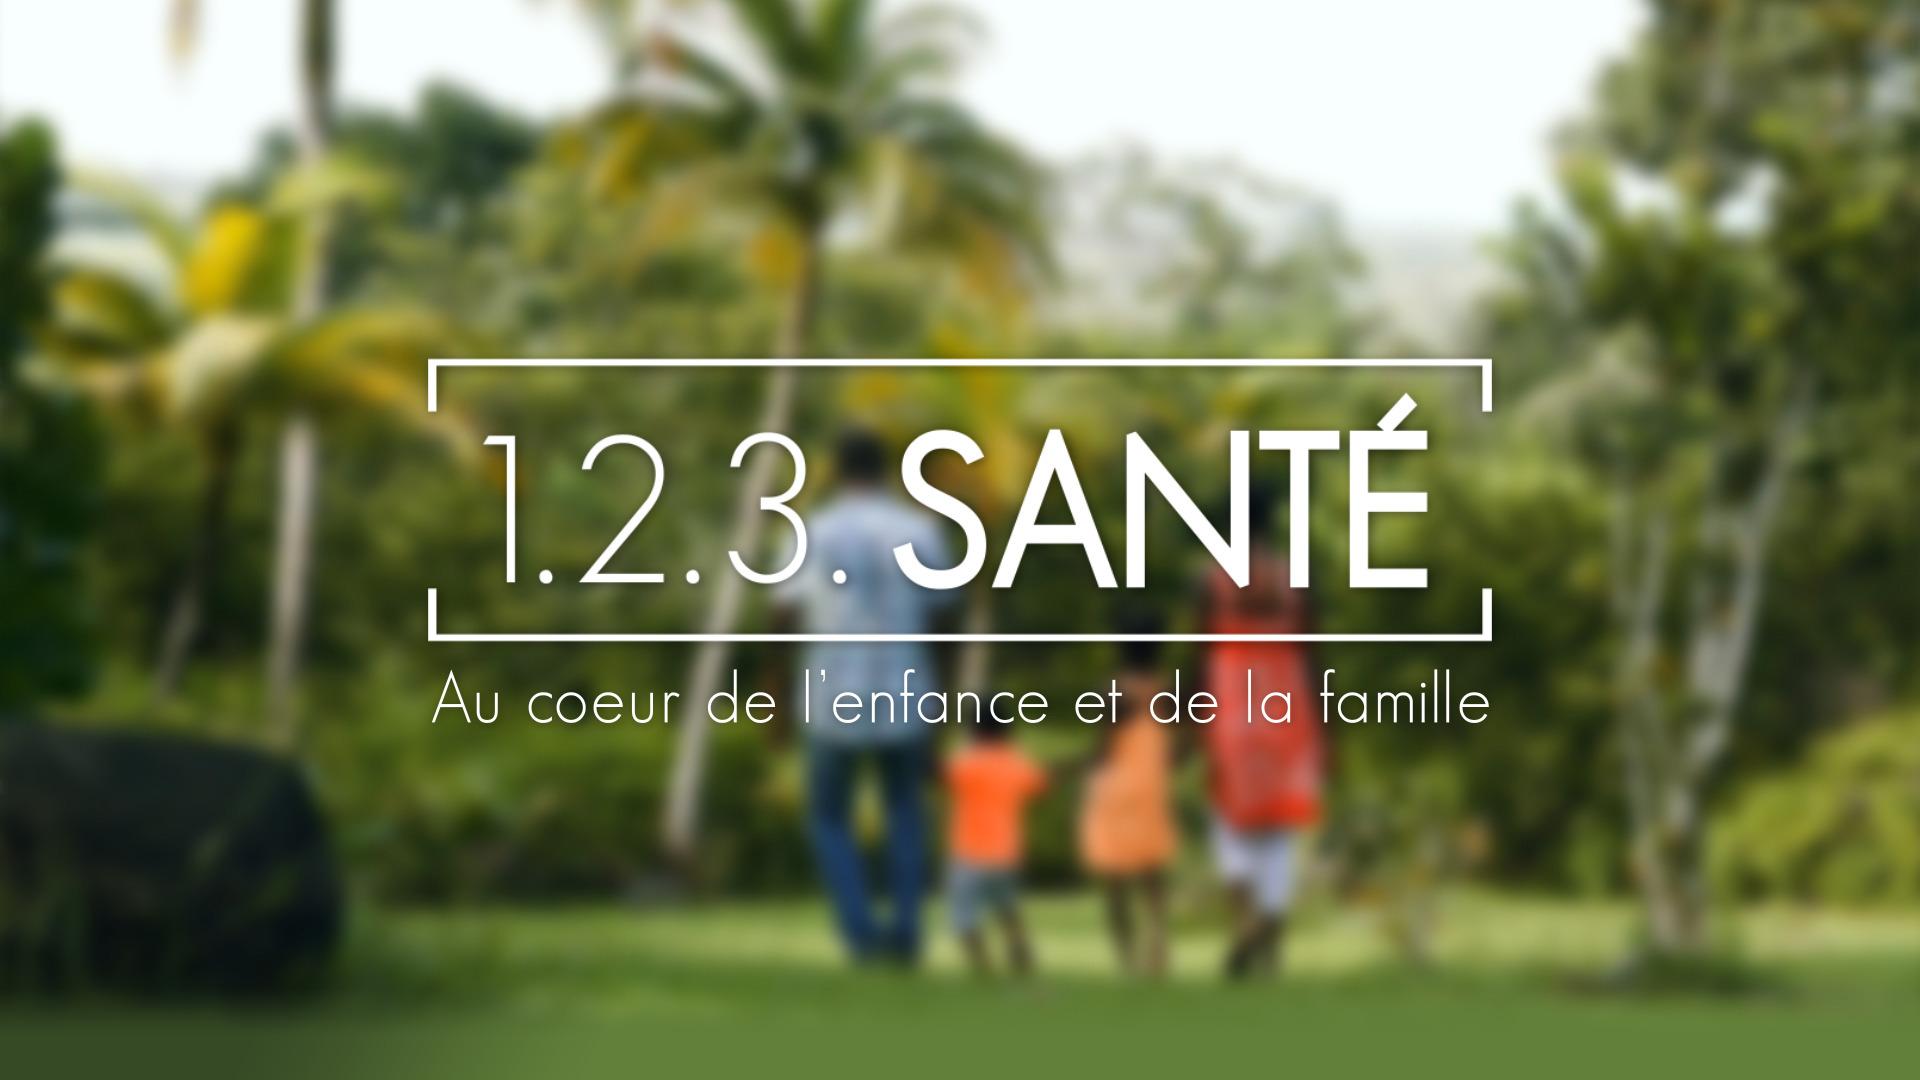 1,2,3... santé ! : Du 11/01/2021 donner c'est sauver